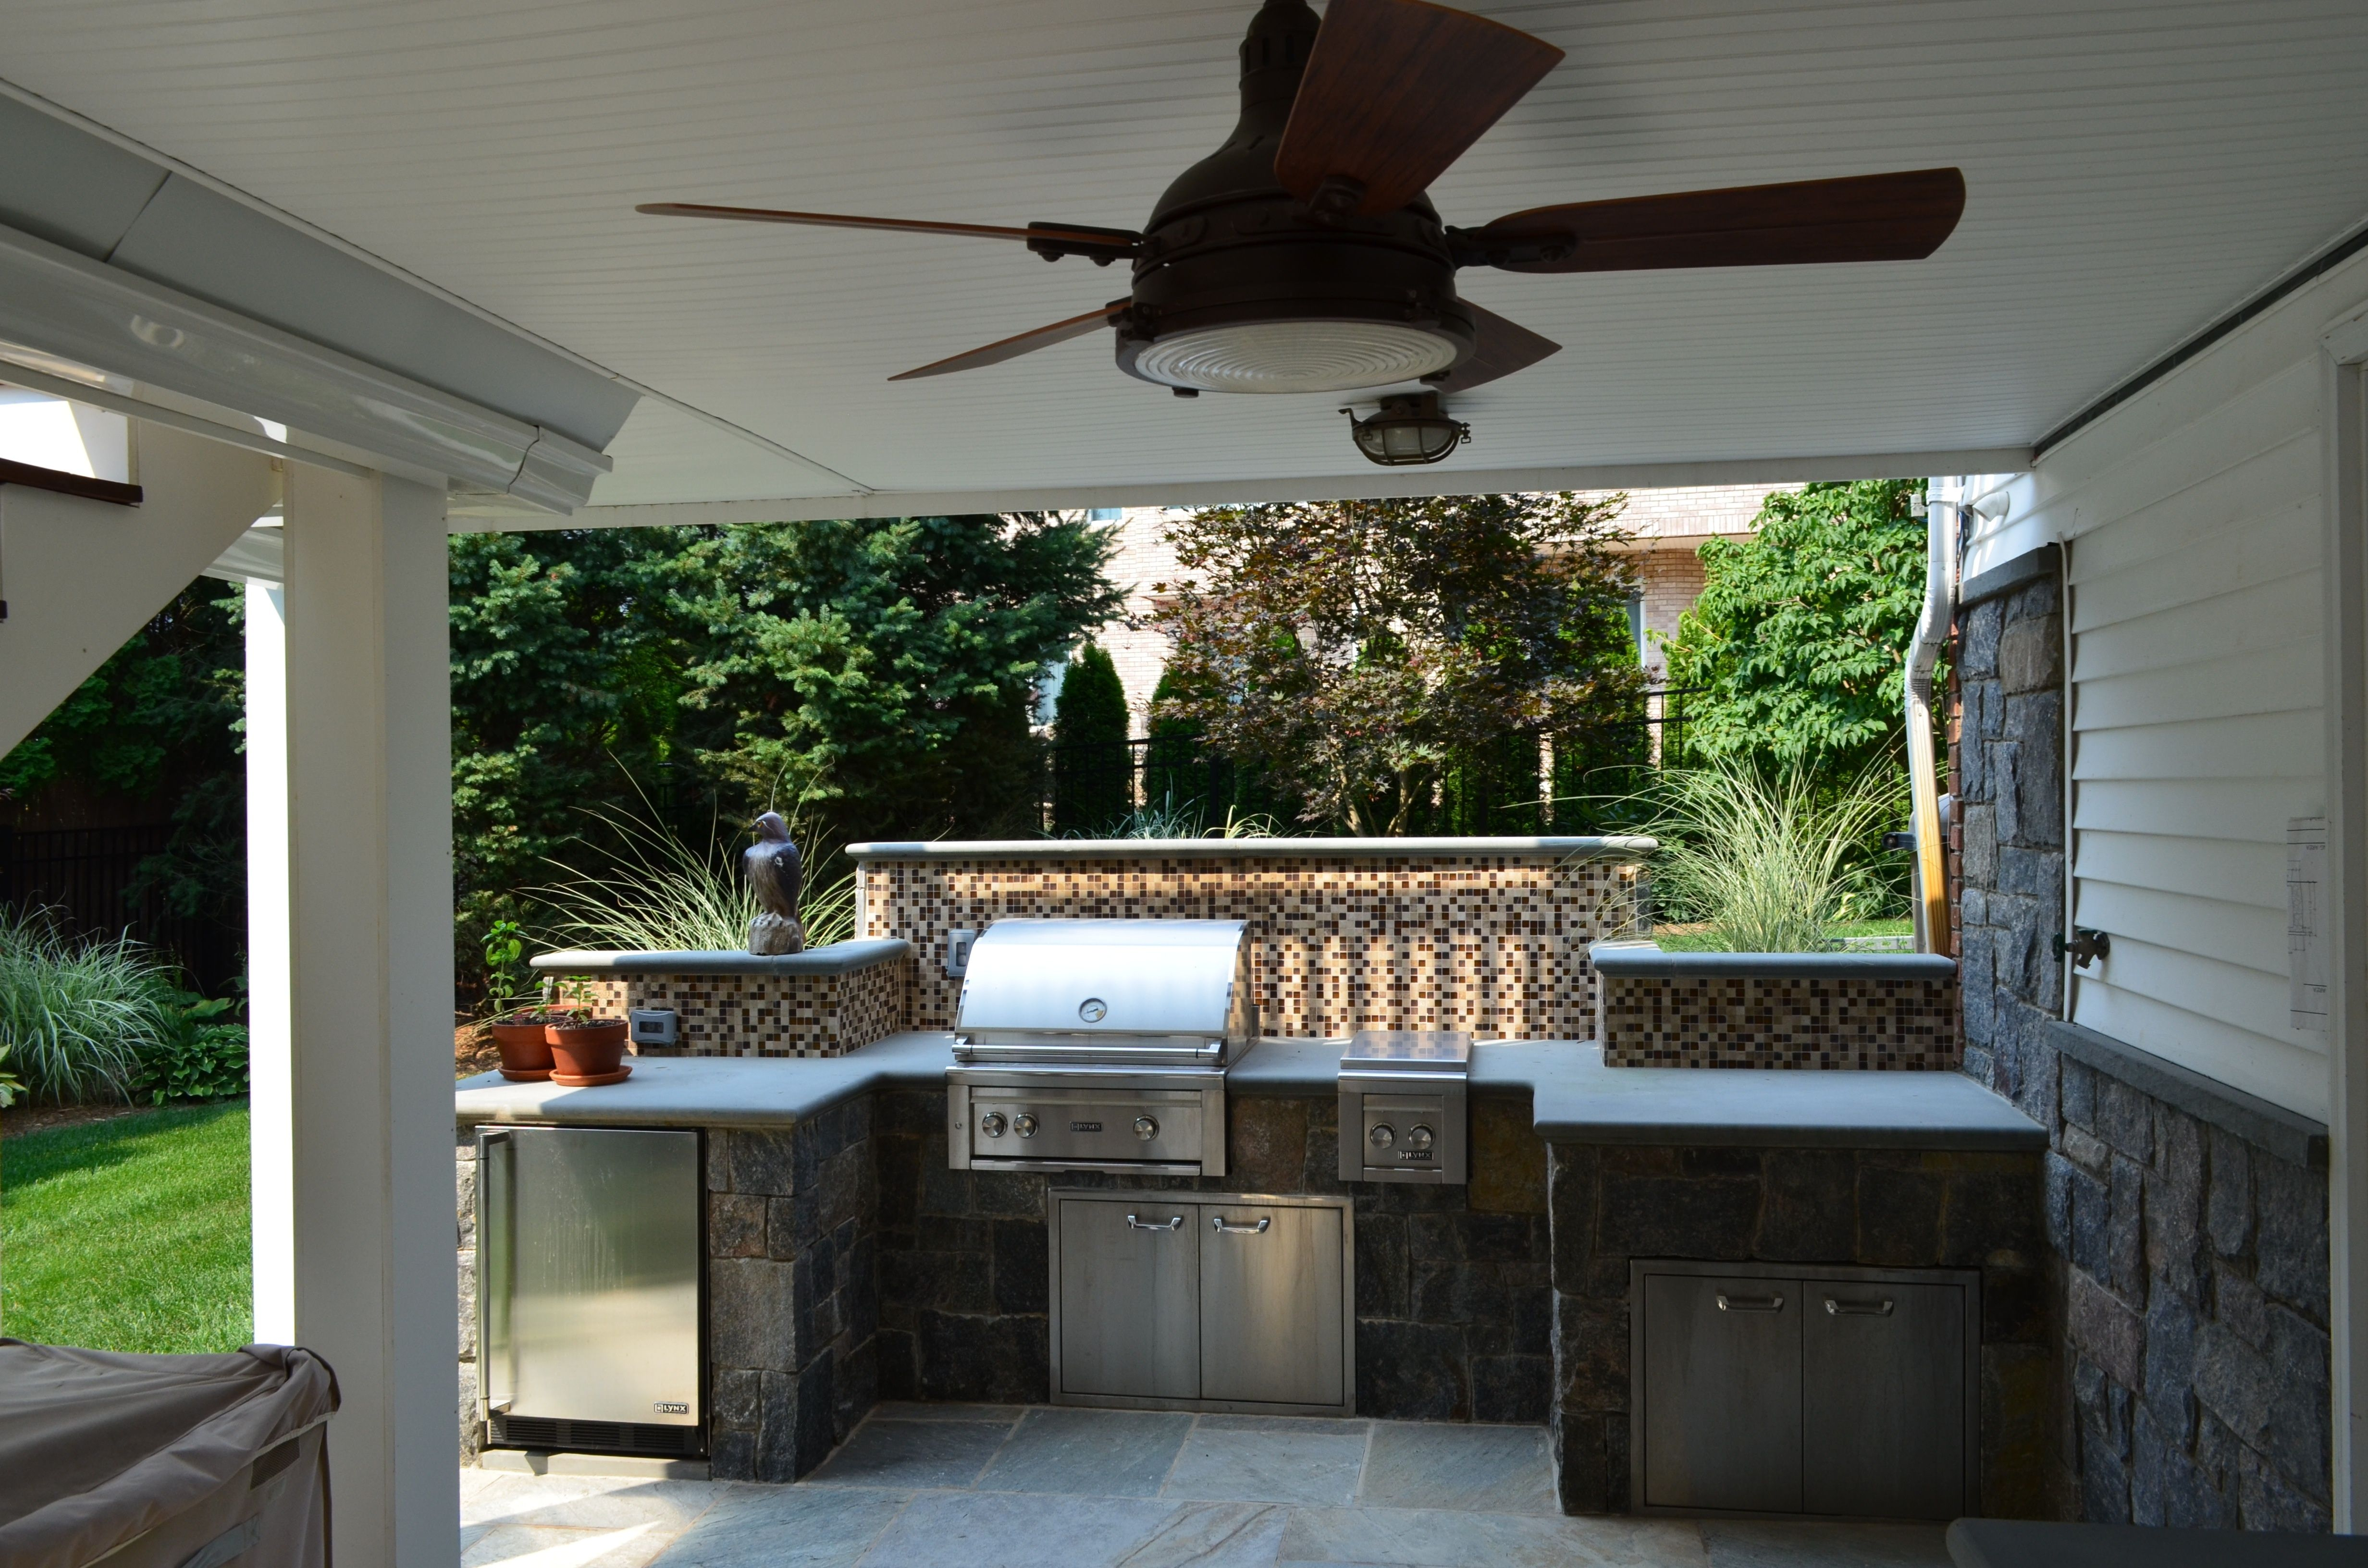 BEST Mesmerizing Outdoor Kitchen Designs And Painti Wonderful backyard kitchen designs photos Kitchen Design